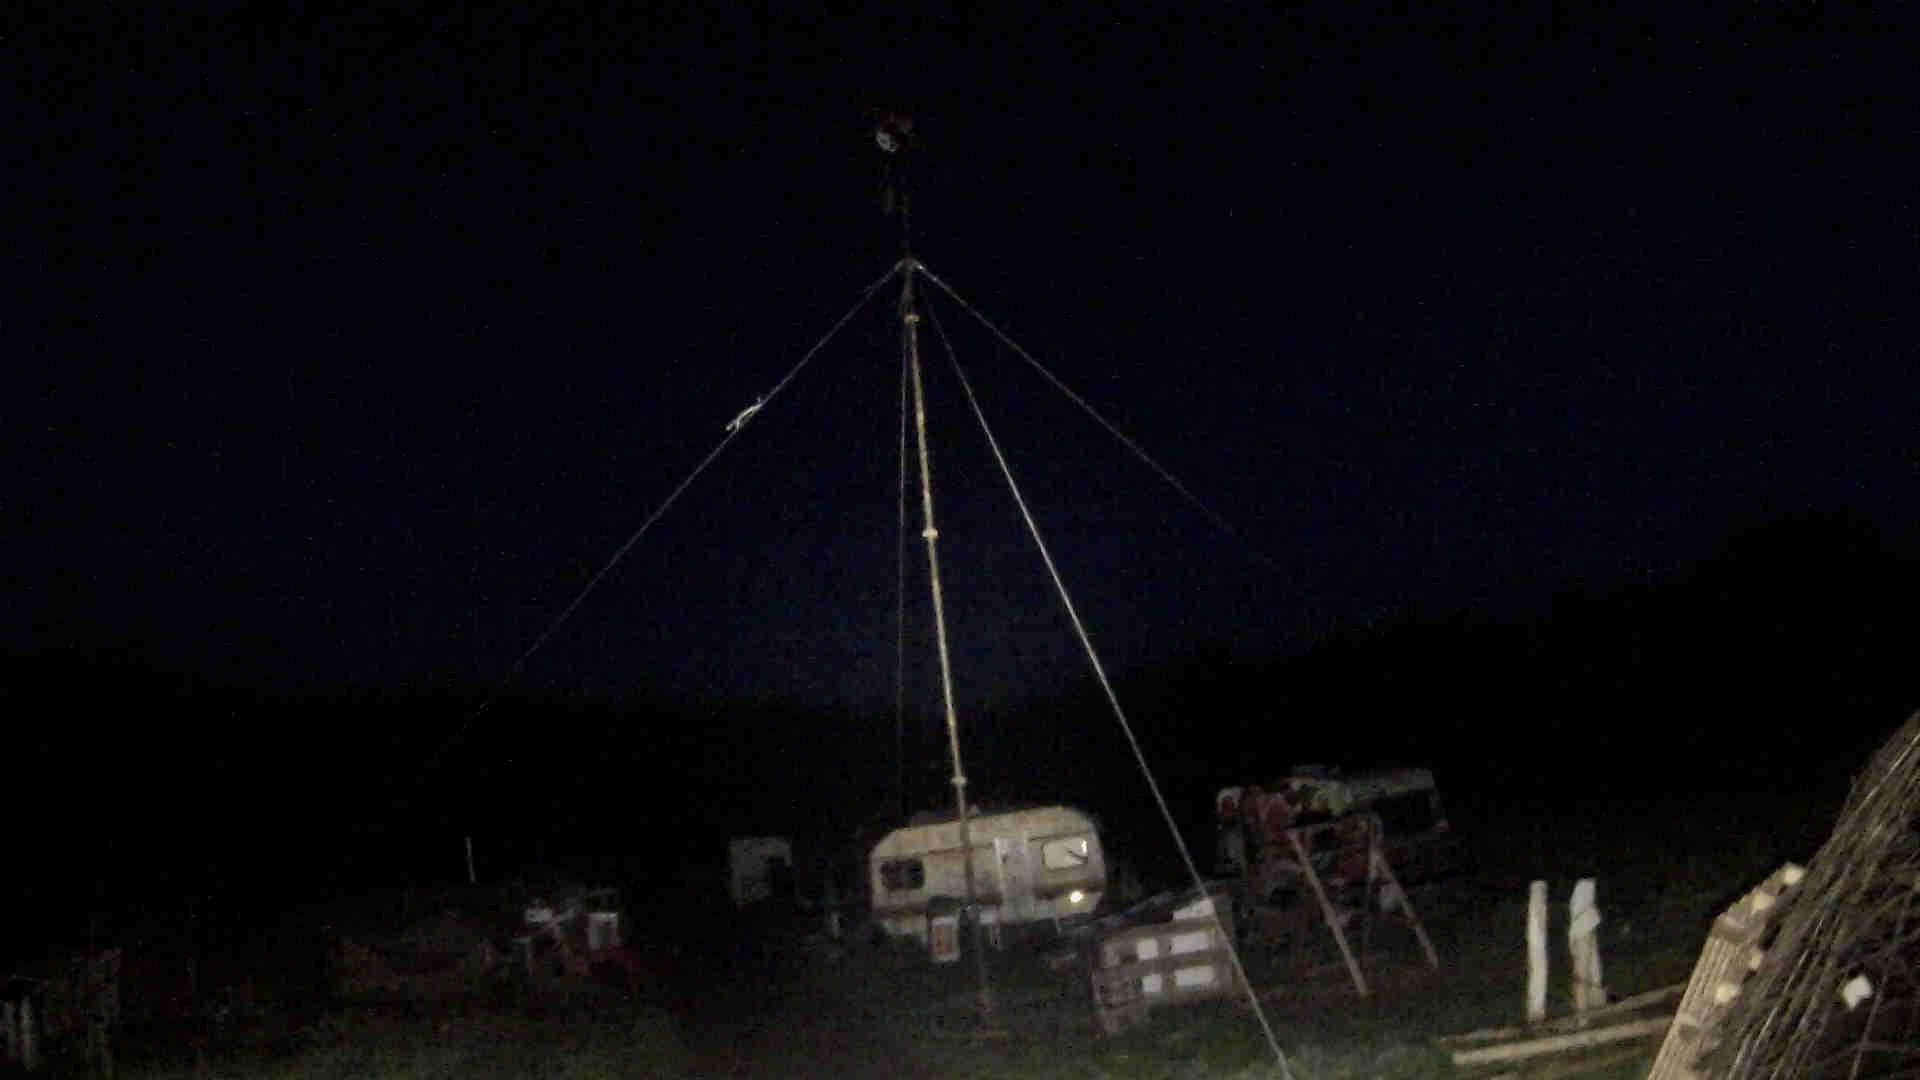 Windrad auf Wiese bei Nacht